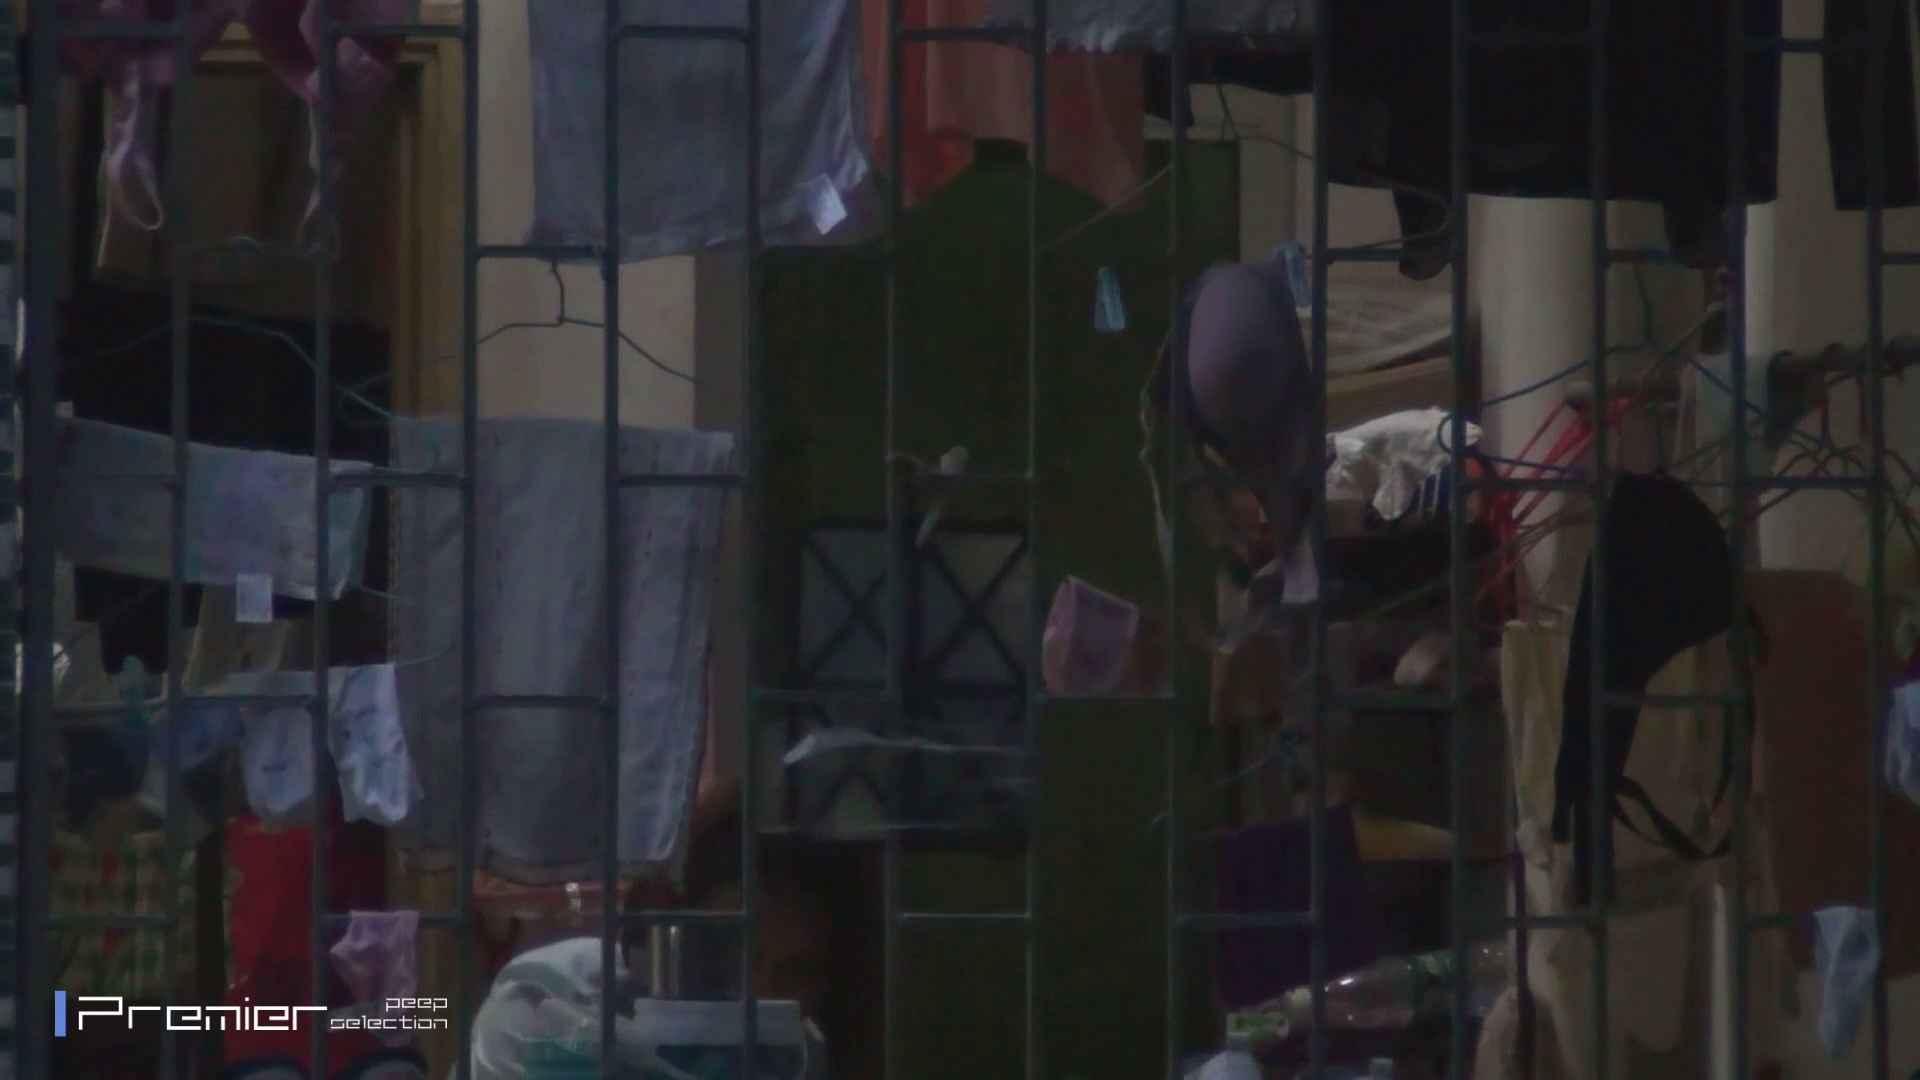 激撮り美女の洗顔シーン Vol.05 美女の痴態に密着! 高画質動画 オメコ無修正動画無料 92画像 86